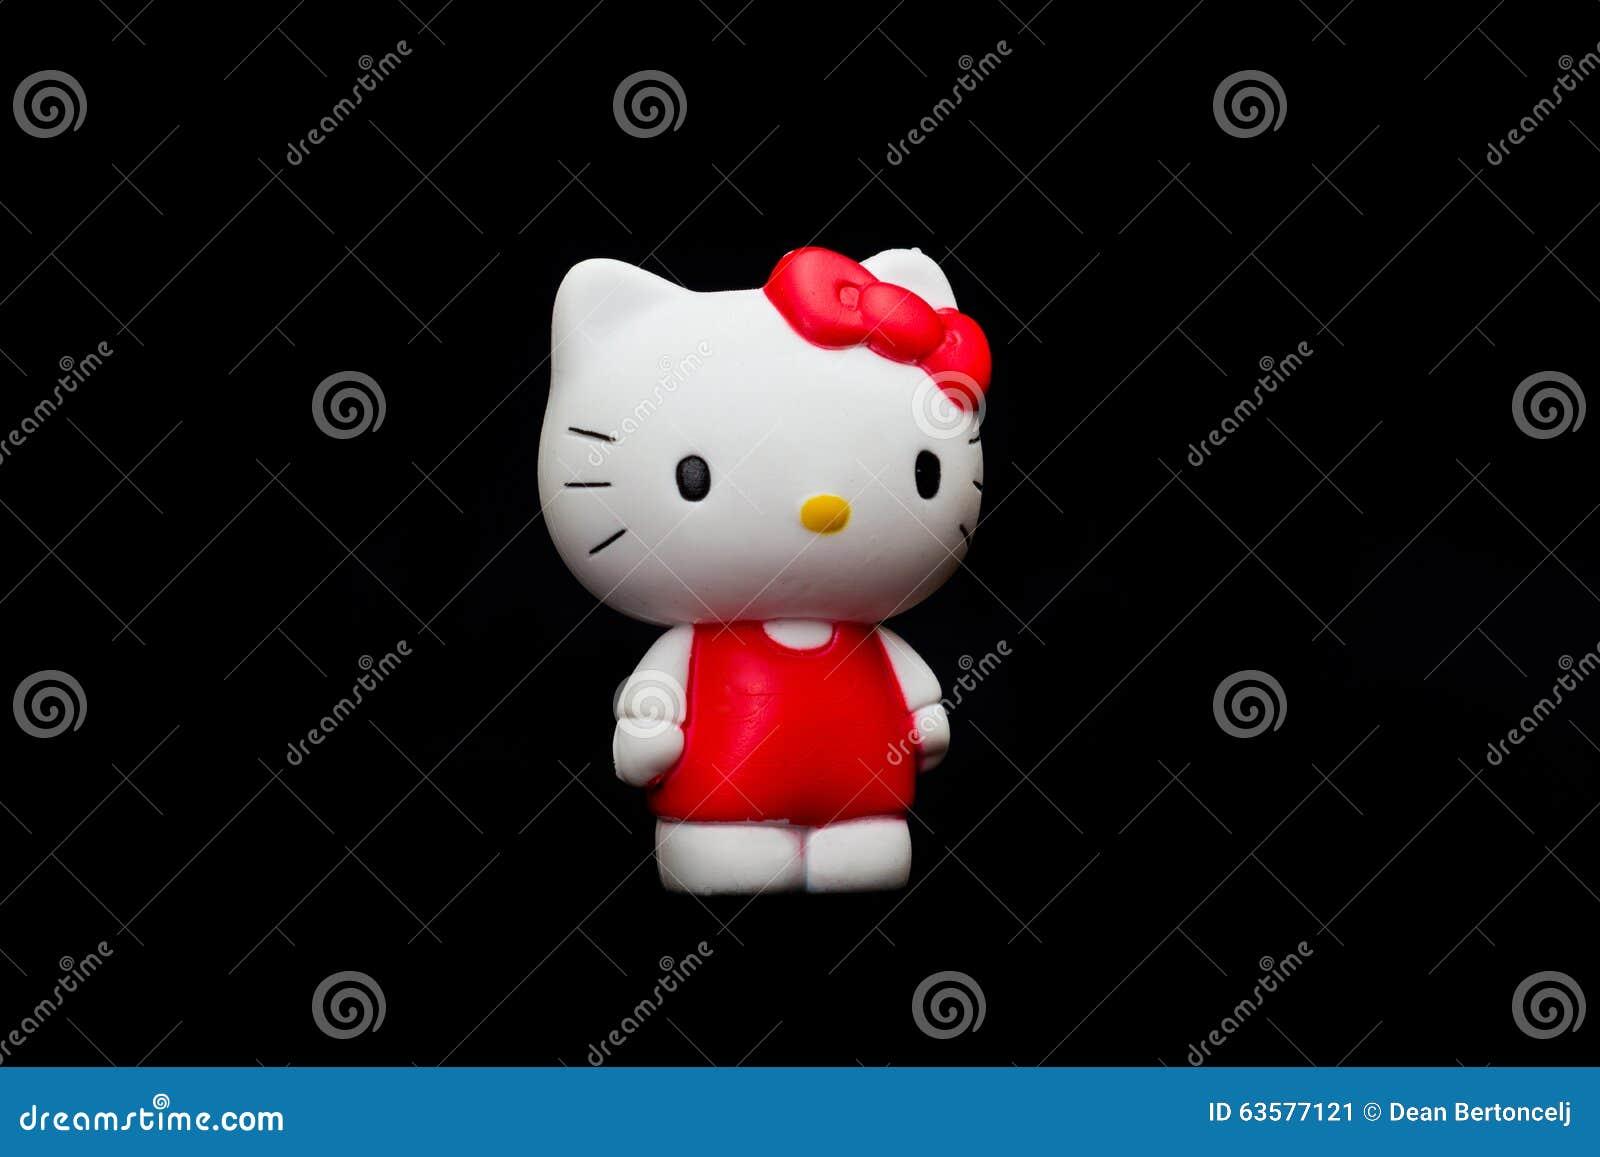 Bambola di hello kitty fotografia editoriale. immagine di fictional